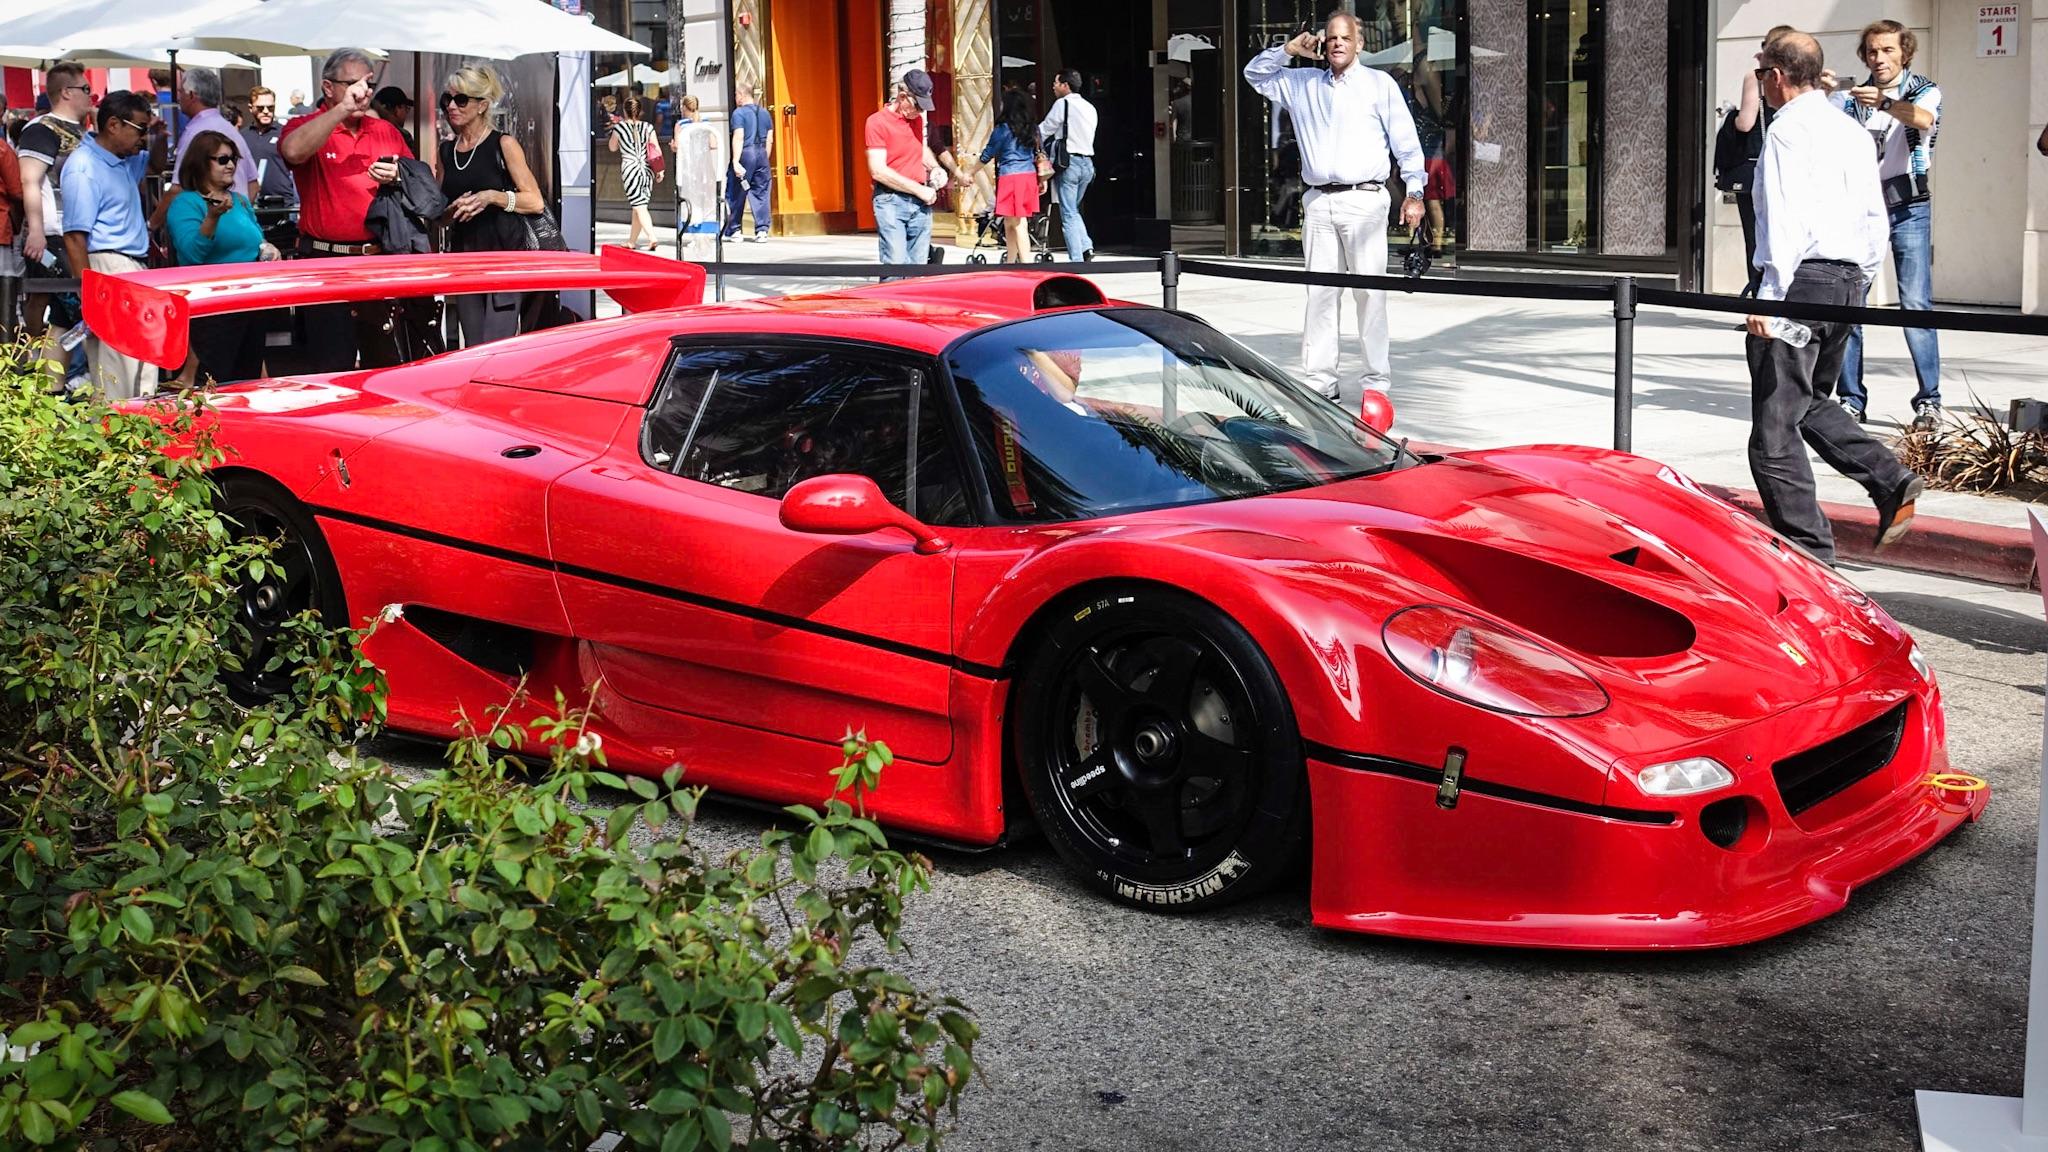 Ferrari F50 GT - Wikipedia ffdda28079b7